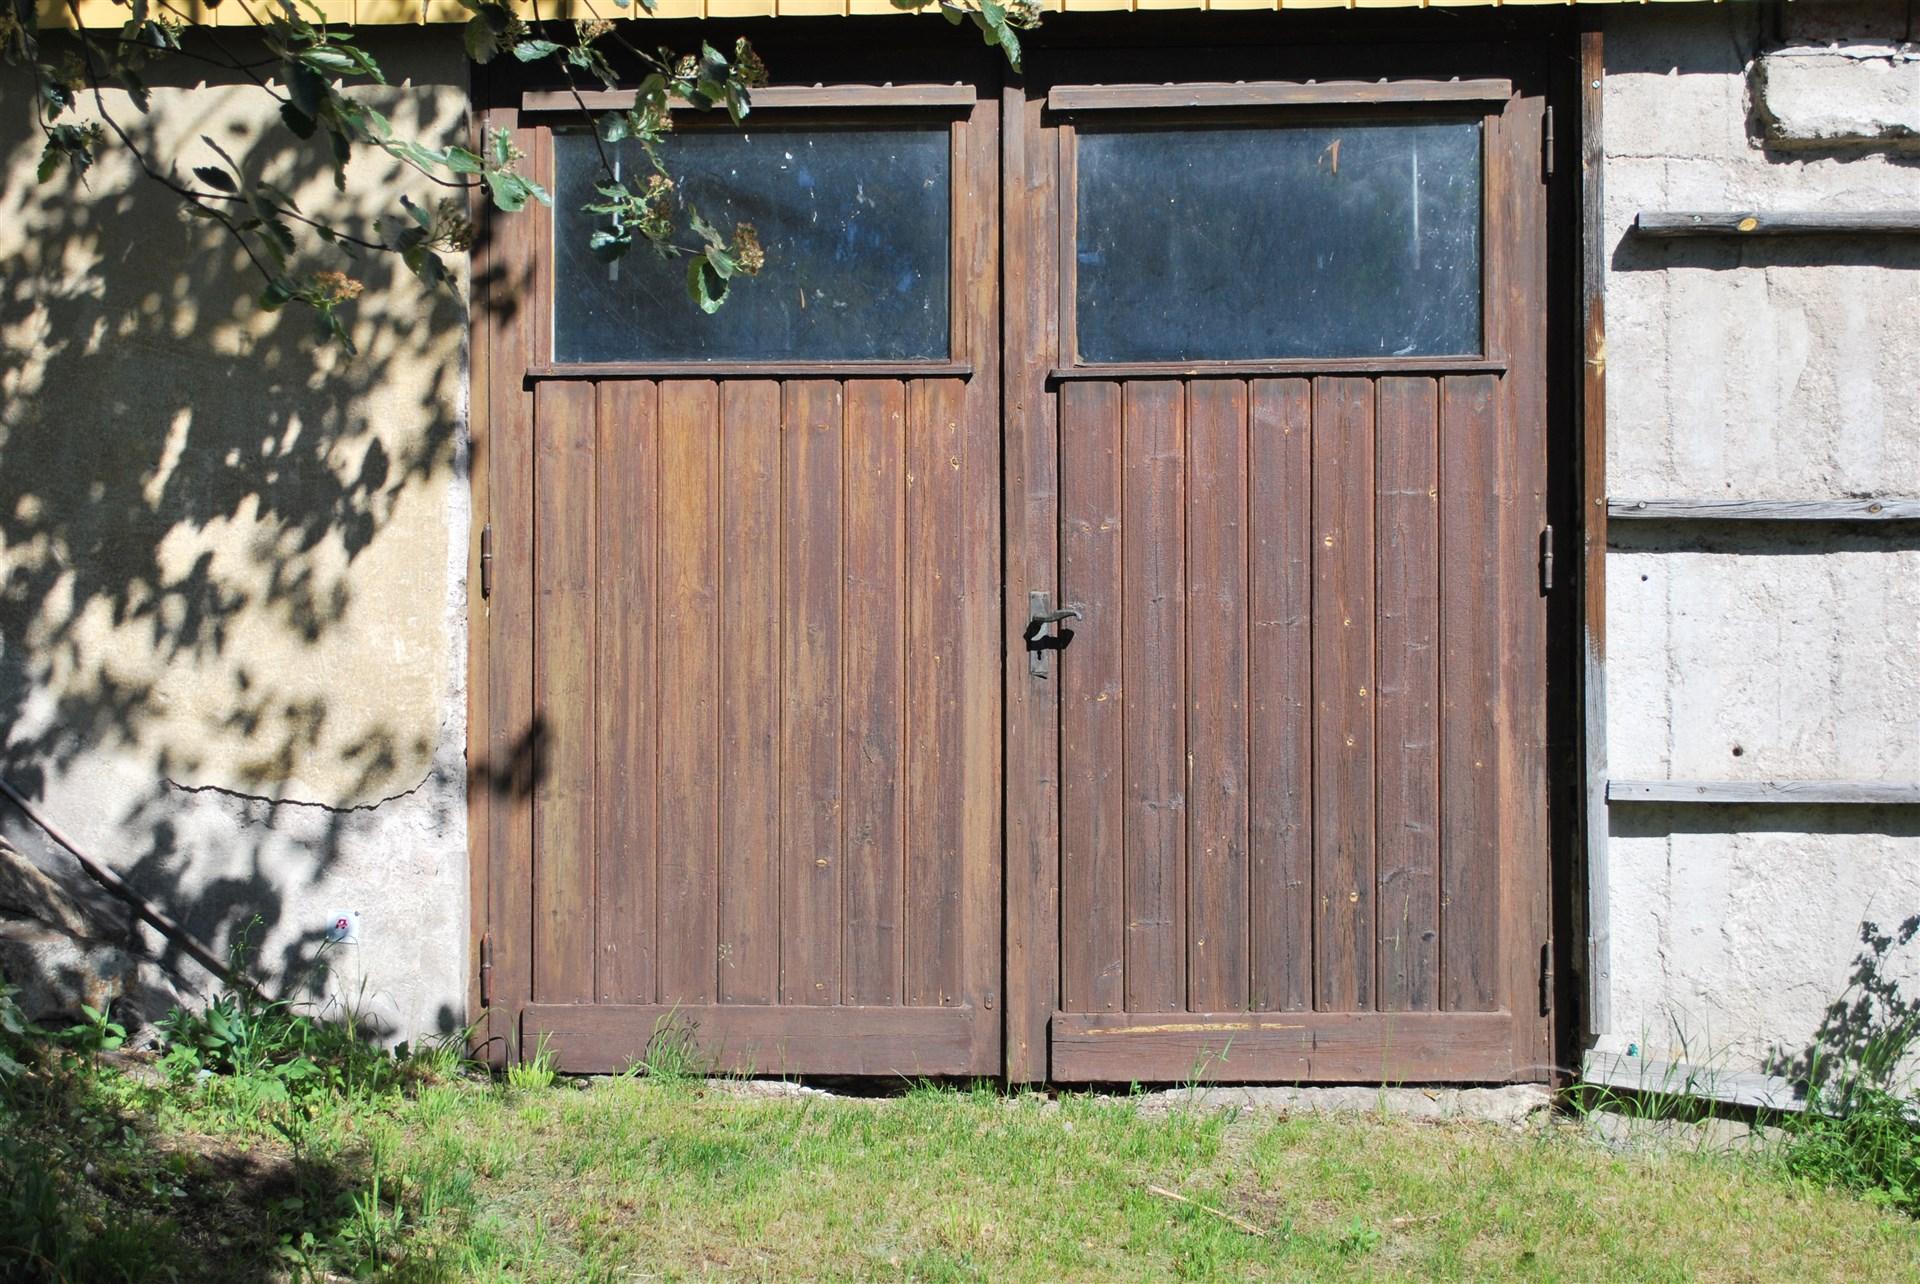 Dom gamla garageportarna står sig fortfarande